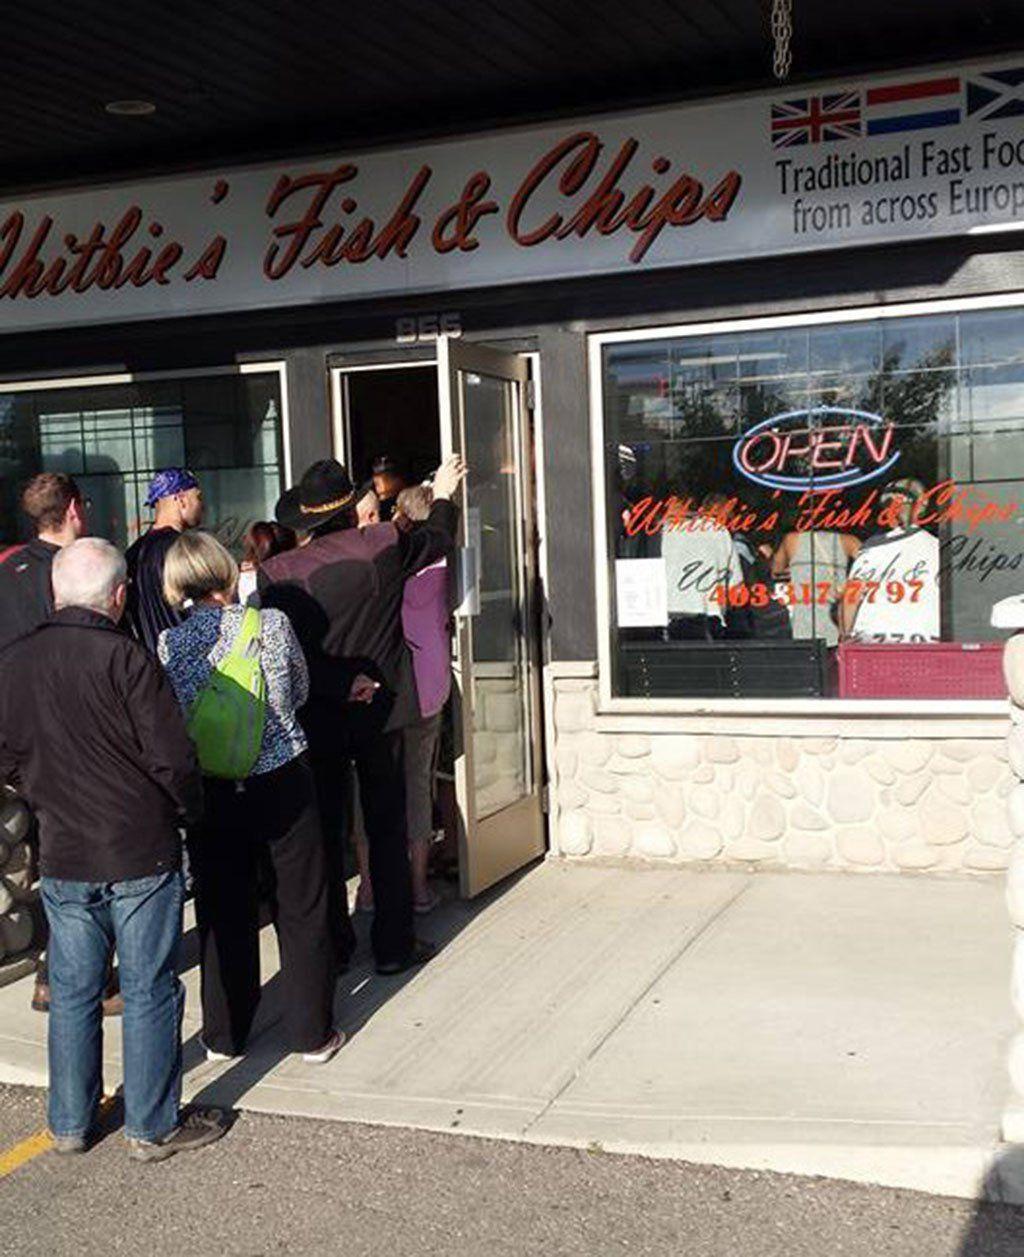 un local de Fish & Chips paso de un cliente a 500 gracias a #facebook